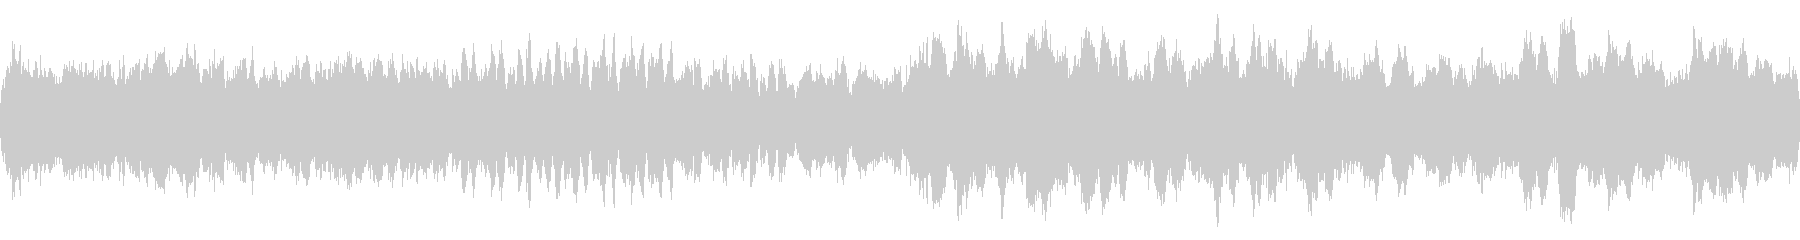 RPG向けオーケストラ曲『悲愴』の未再生の波形